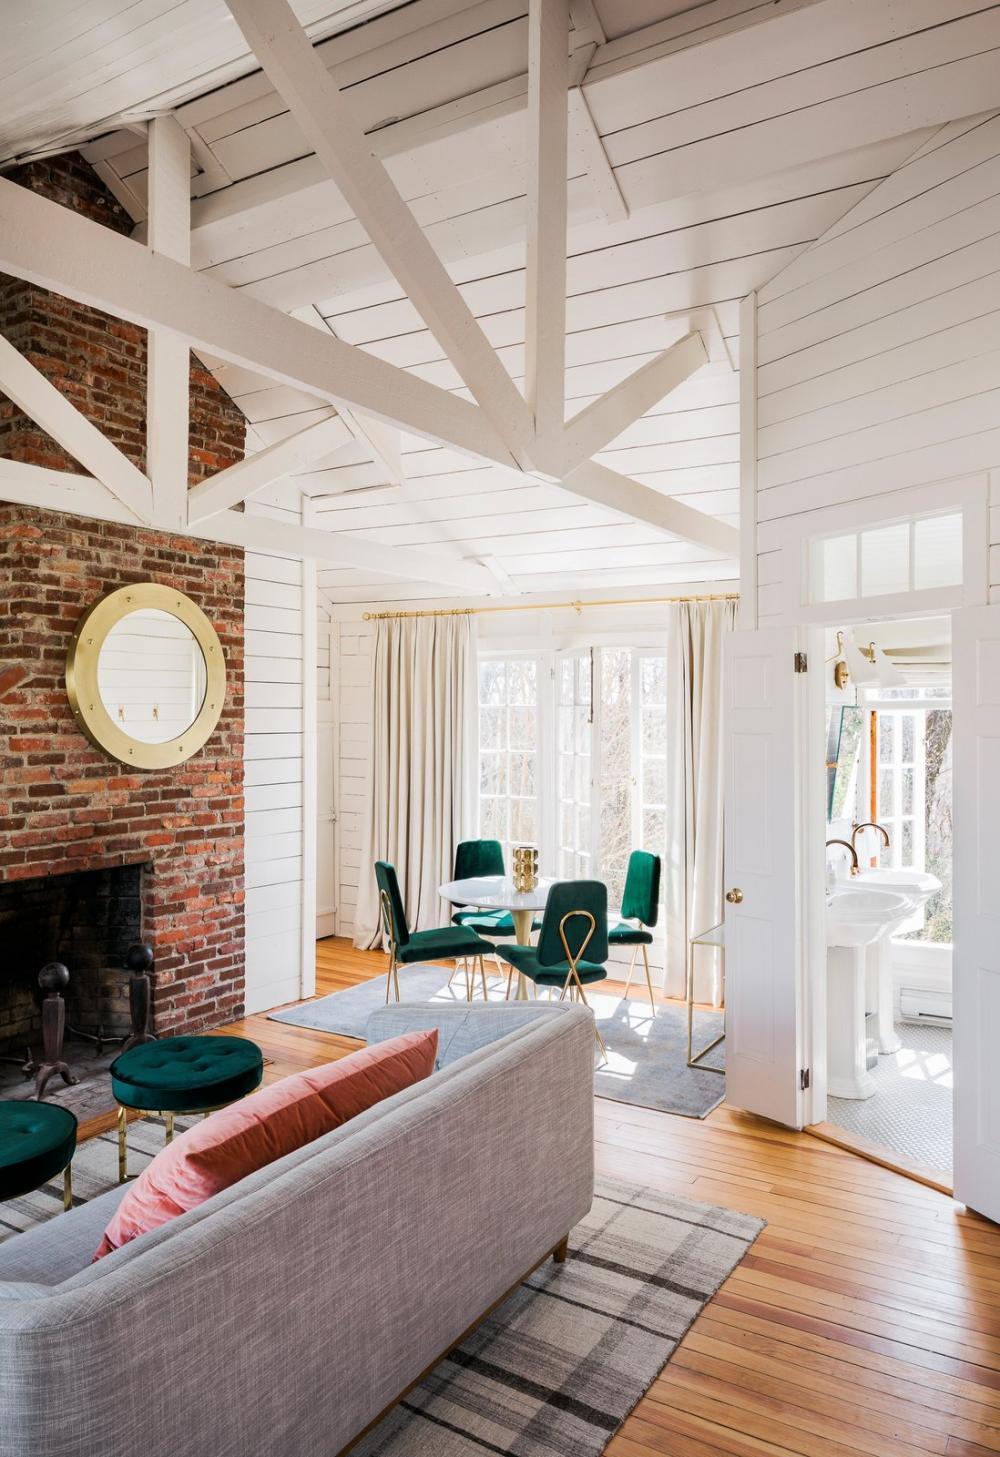 Một phần tường sử dụng gạch thô giúp cho căn phòng trở nên ấn tượng hơn